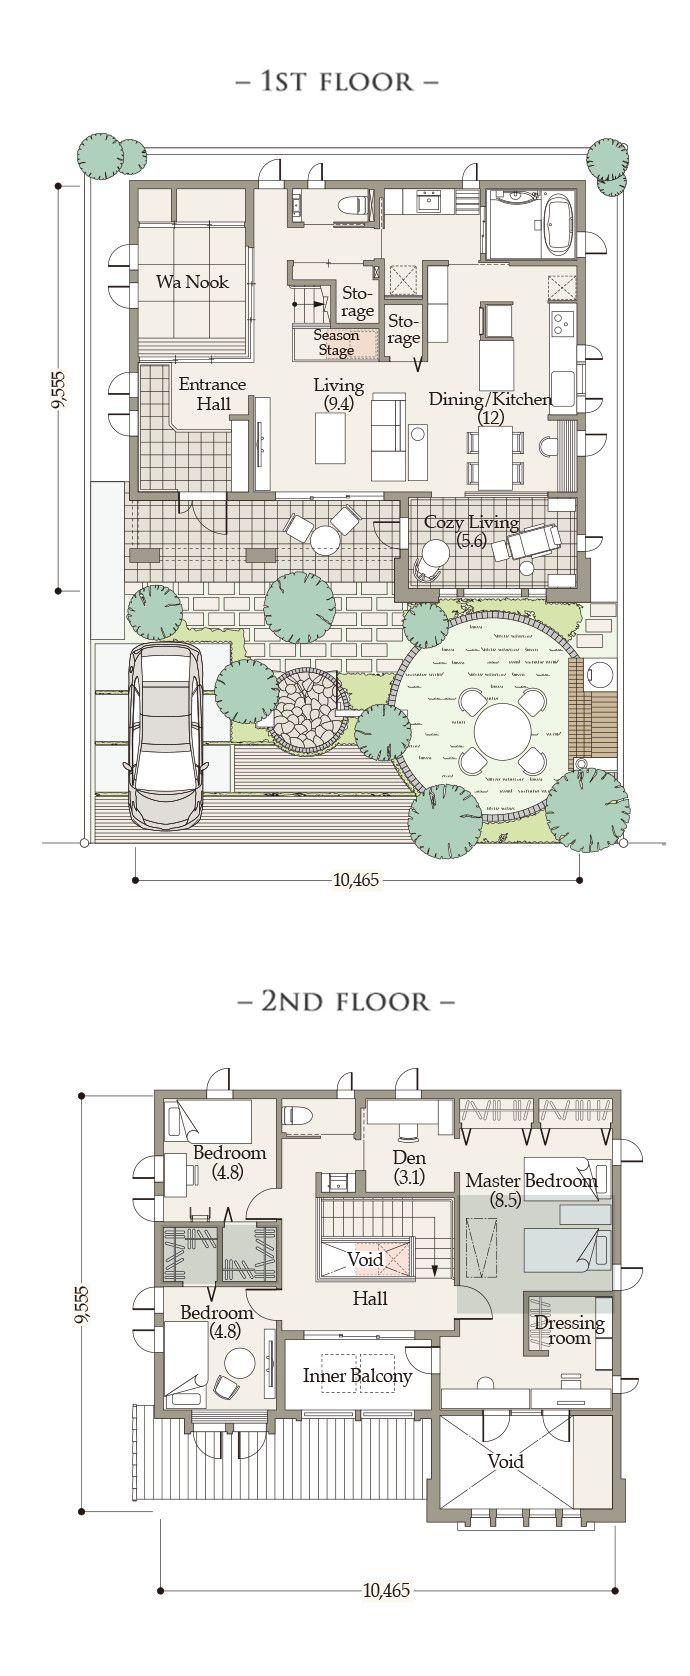 プラン   Oakley Ⅱ(オークリー 2)  商品ラインナップ   戸建住宅  〈公式〉三井ホーム(注文住宅、賃貸・土地活用、医院・施設建築、リフォーム)